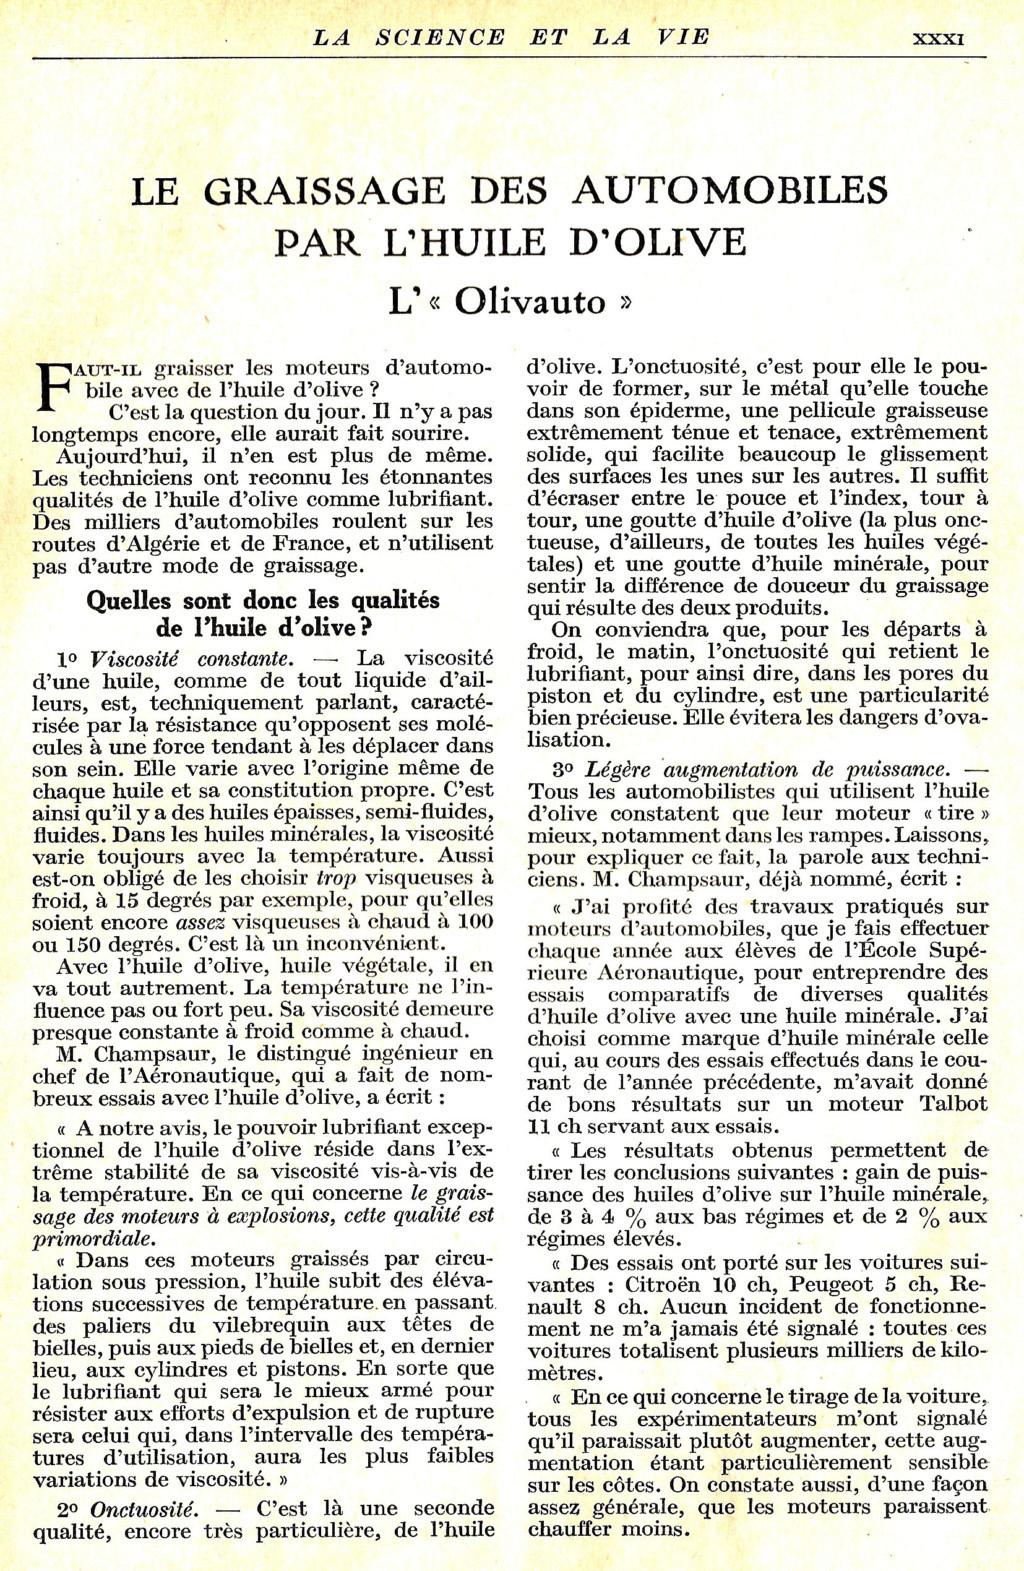 Généralités sur l'Huile Olivau12